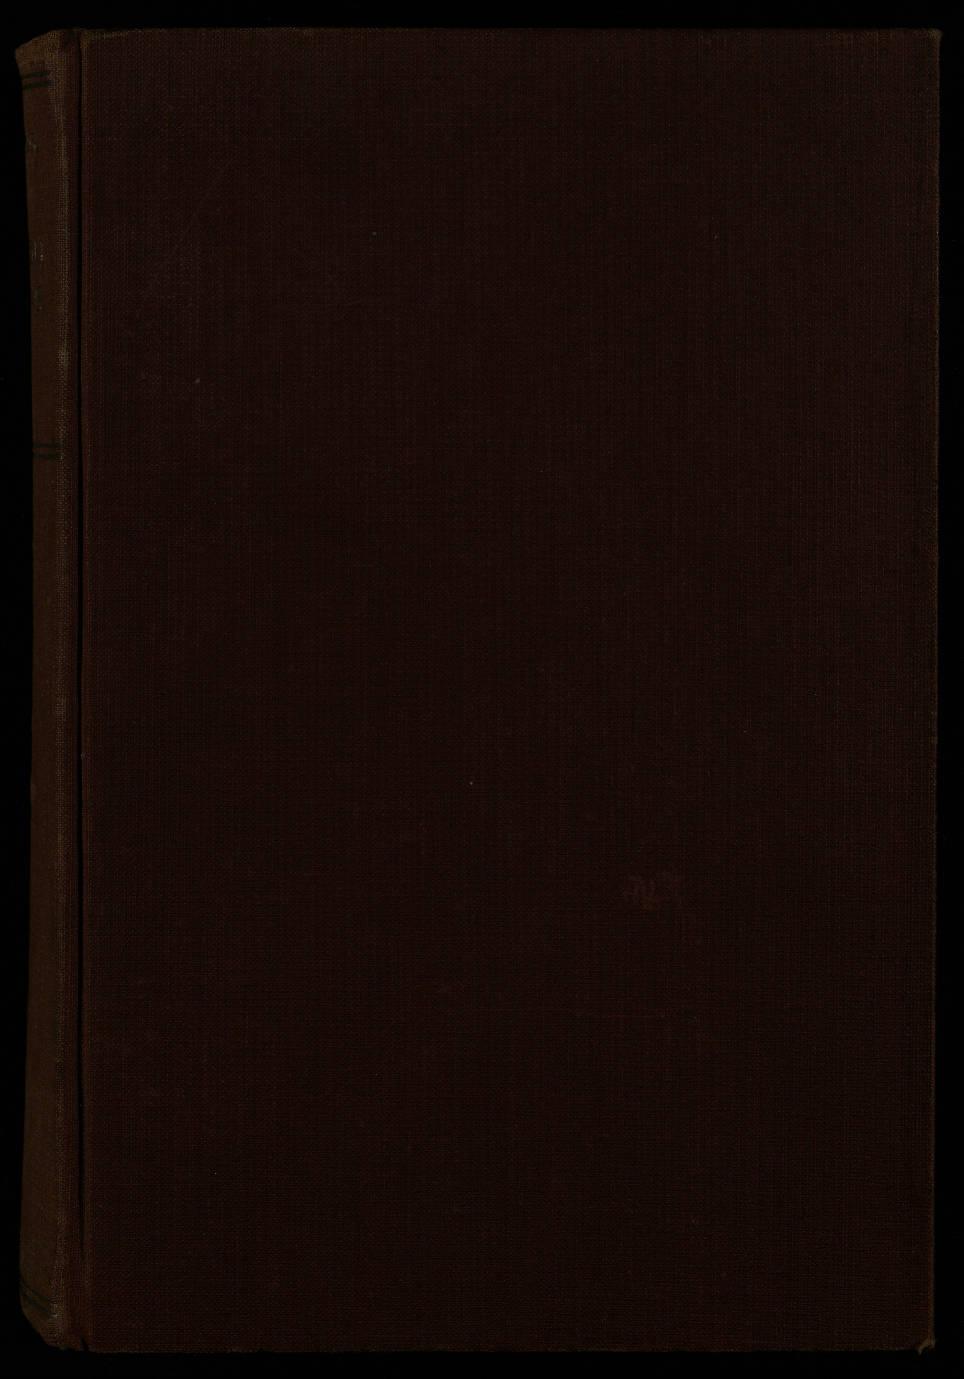 Avižonis, Petras. Akių ligų vadovas. – Kaunas: Lietuvos universiteto Medicinos fakultetas, 1940. – 844 p.